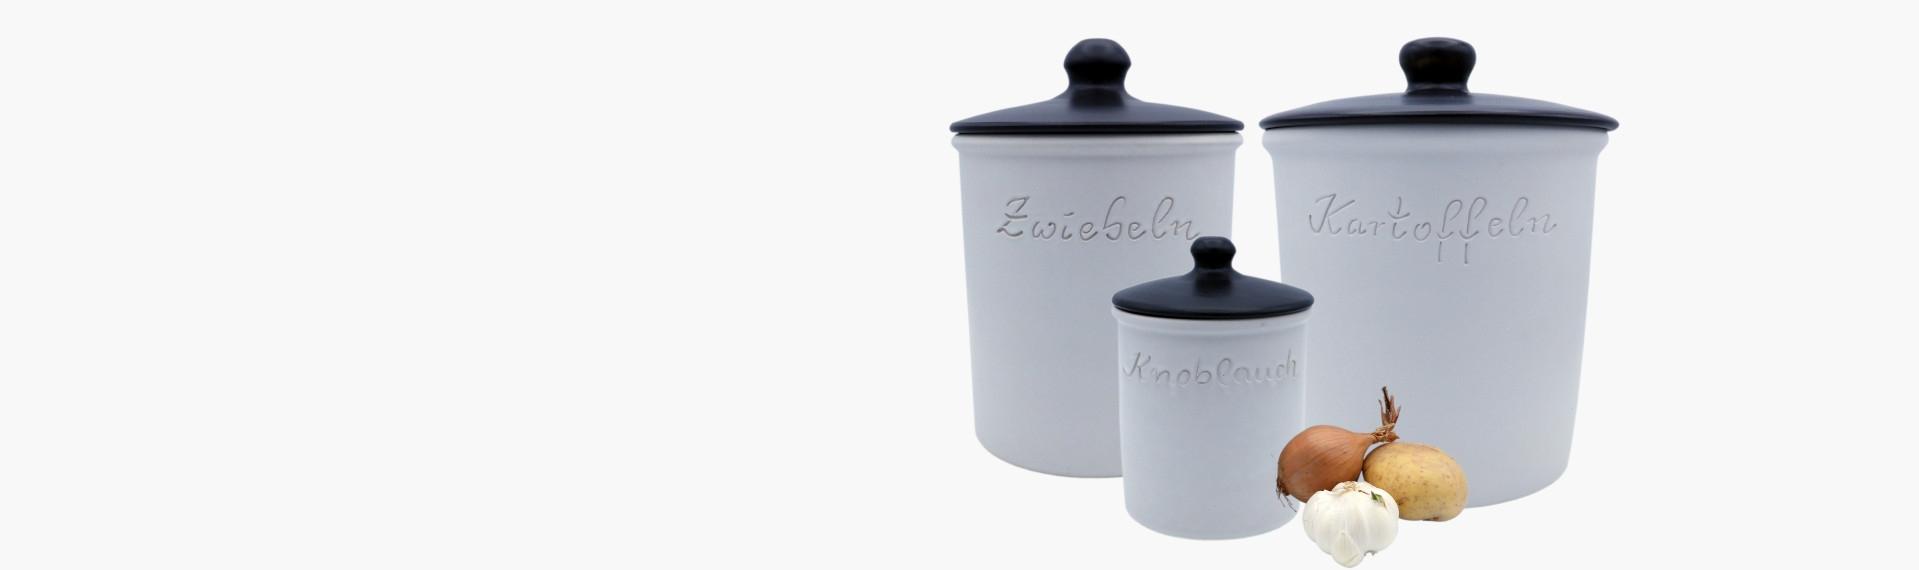 Vorratsdosen aus Keramik